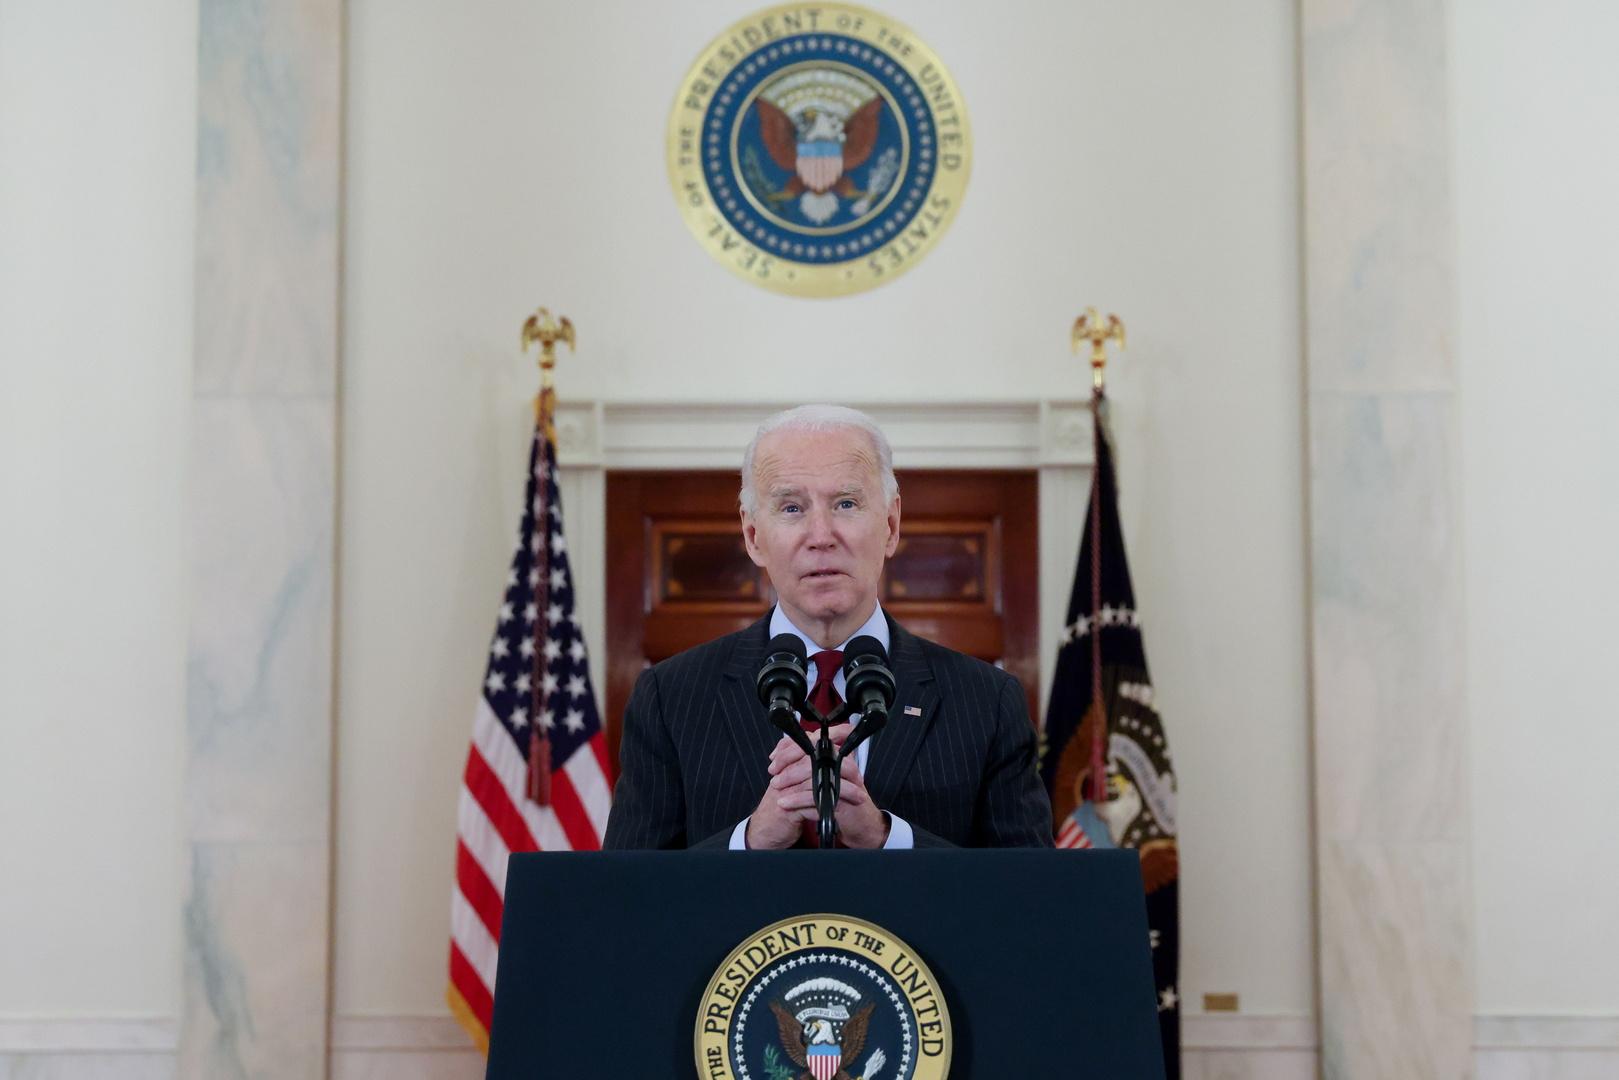 البيت الأبيض: بايدن سيتصل بالملك سلمان وليس بولي عهده